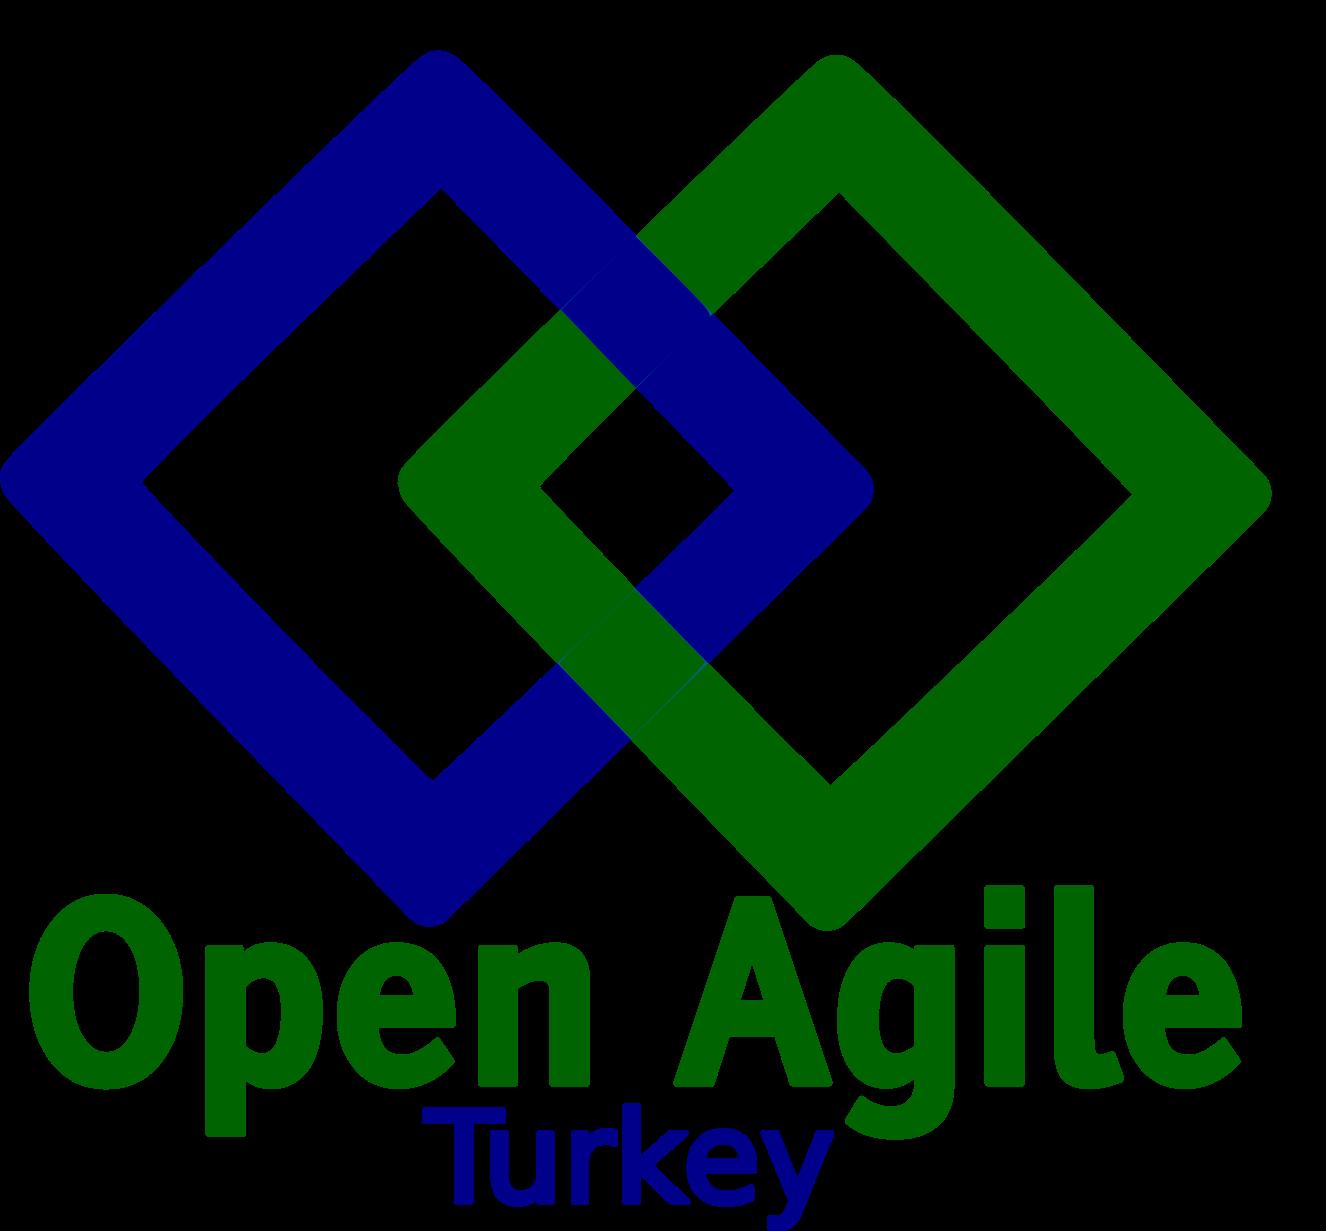 Open Agile